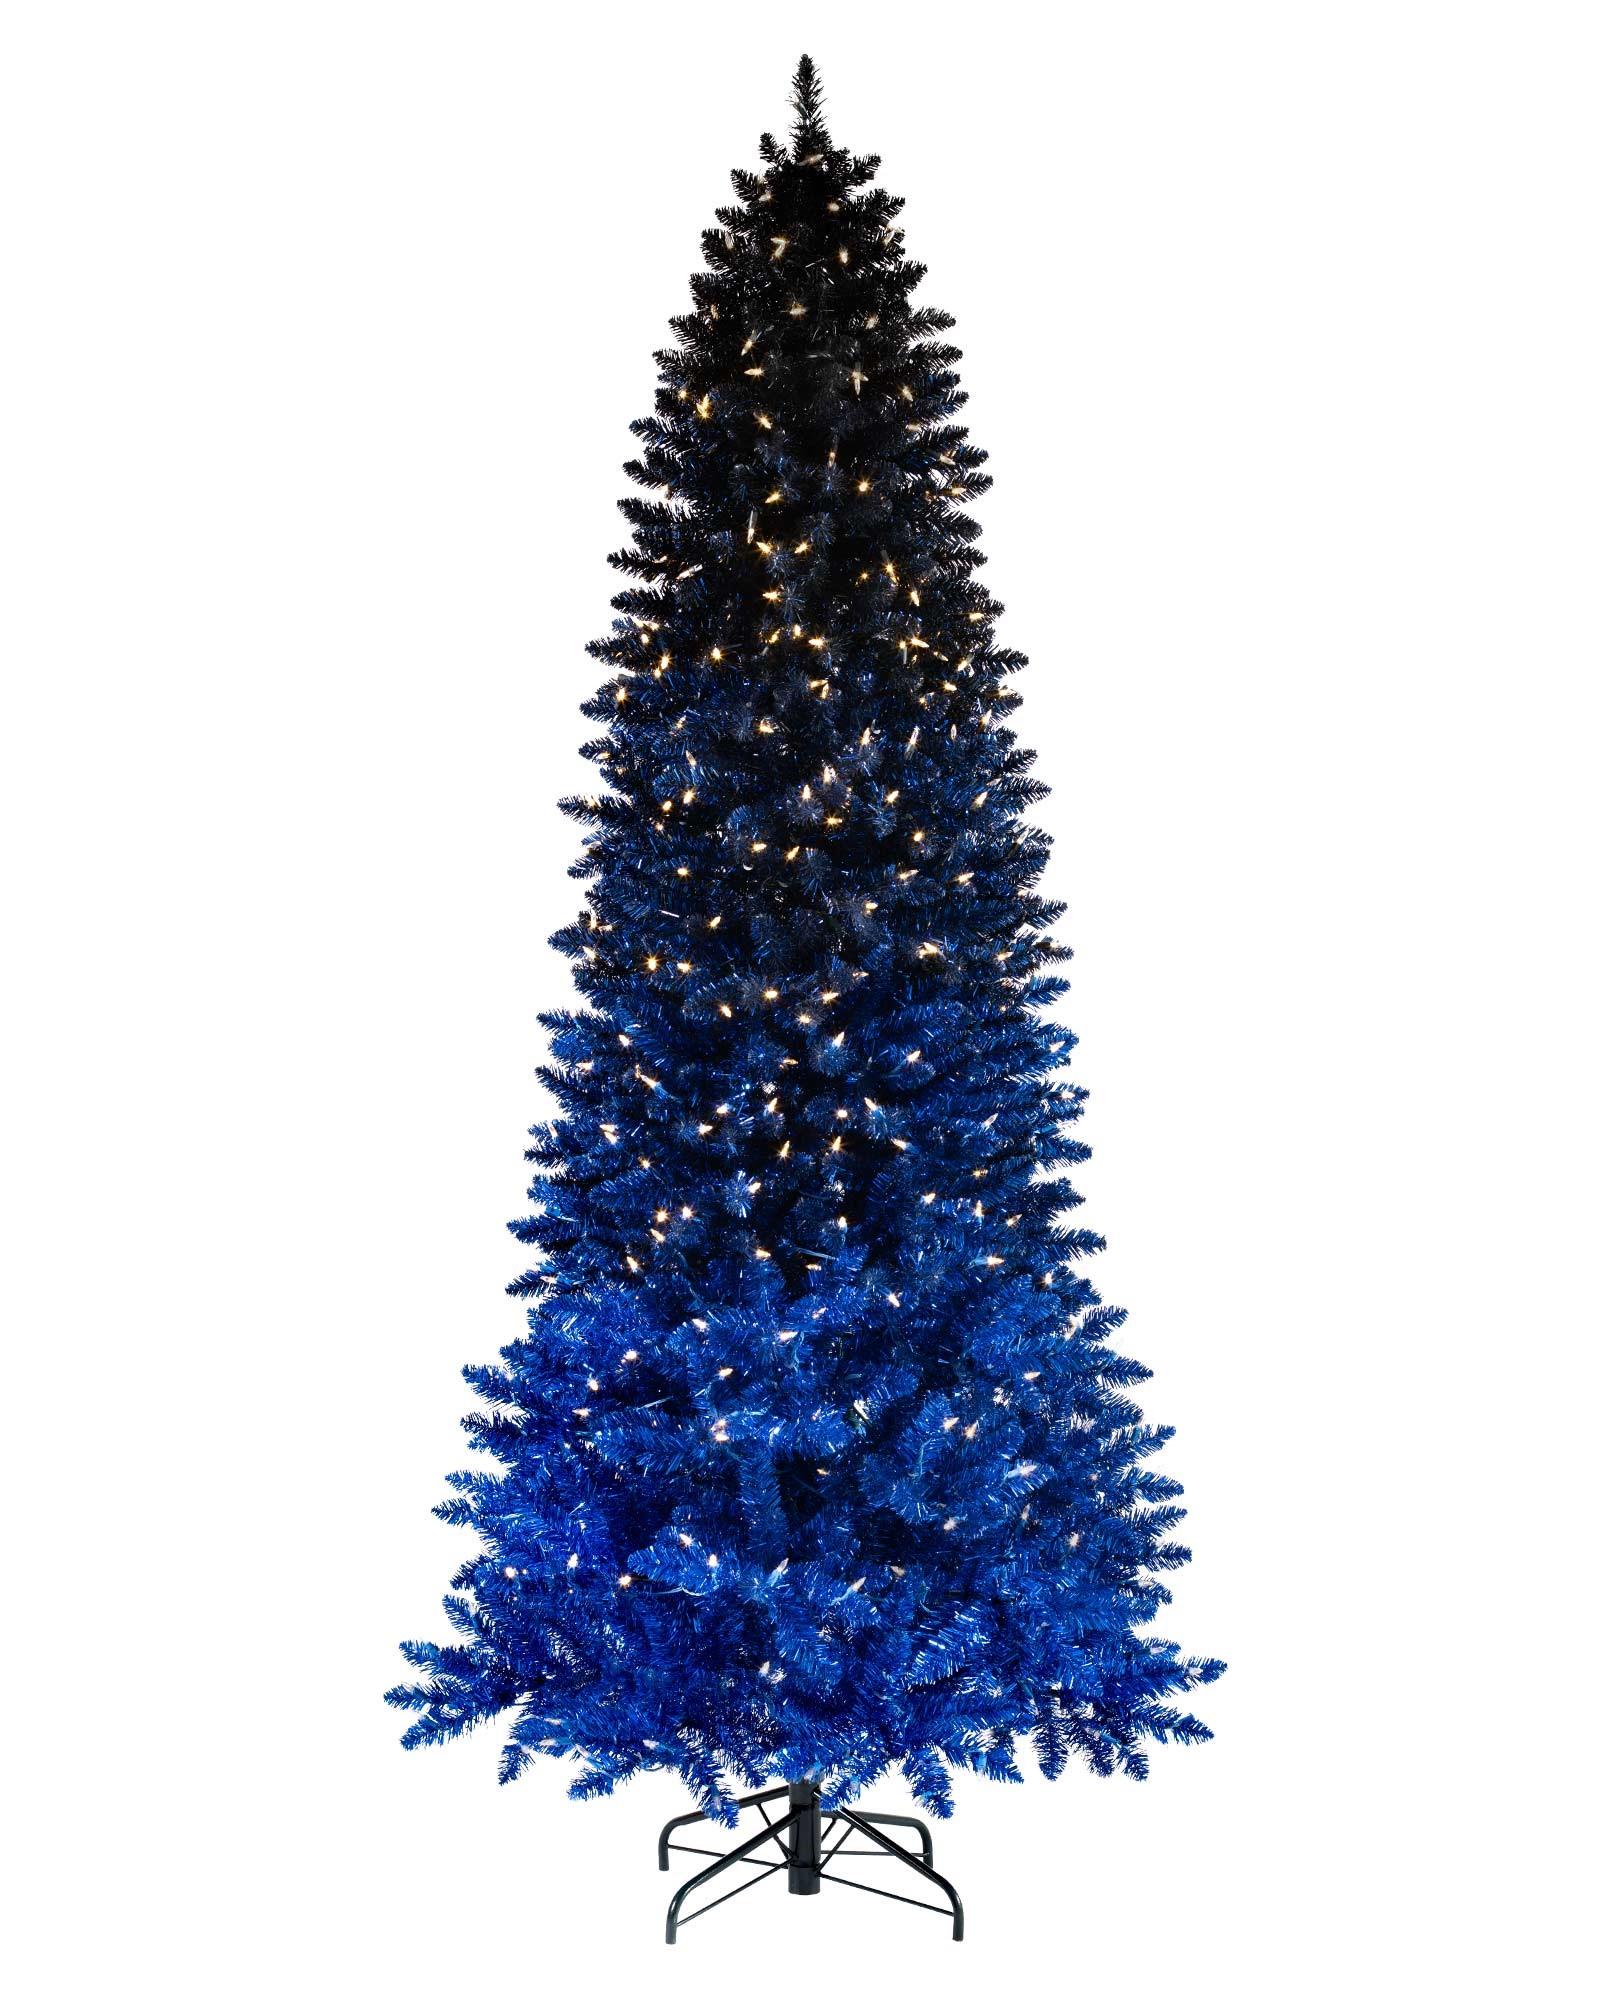 Bel arbre de Noël ombré dans les tons bleus.